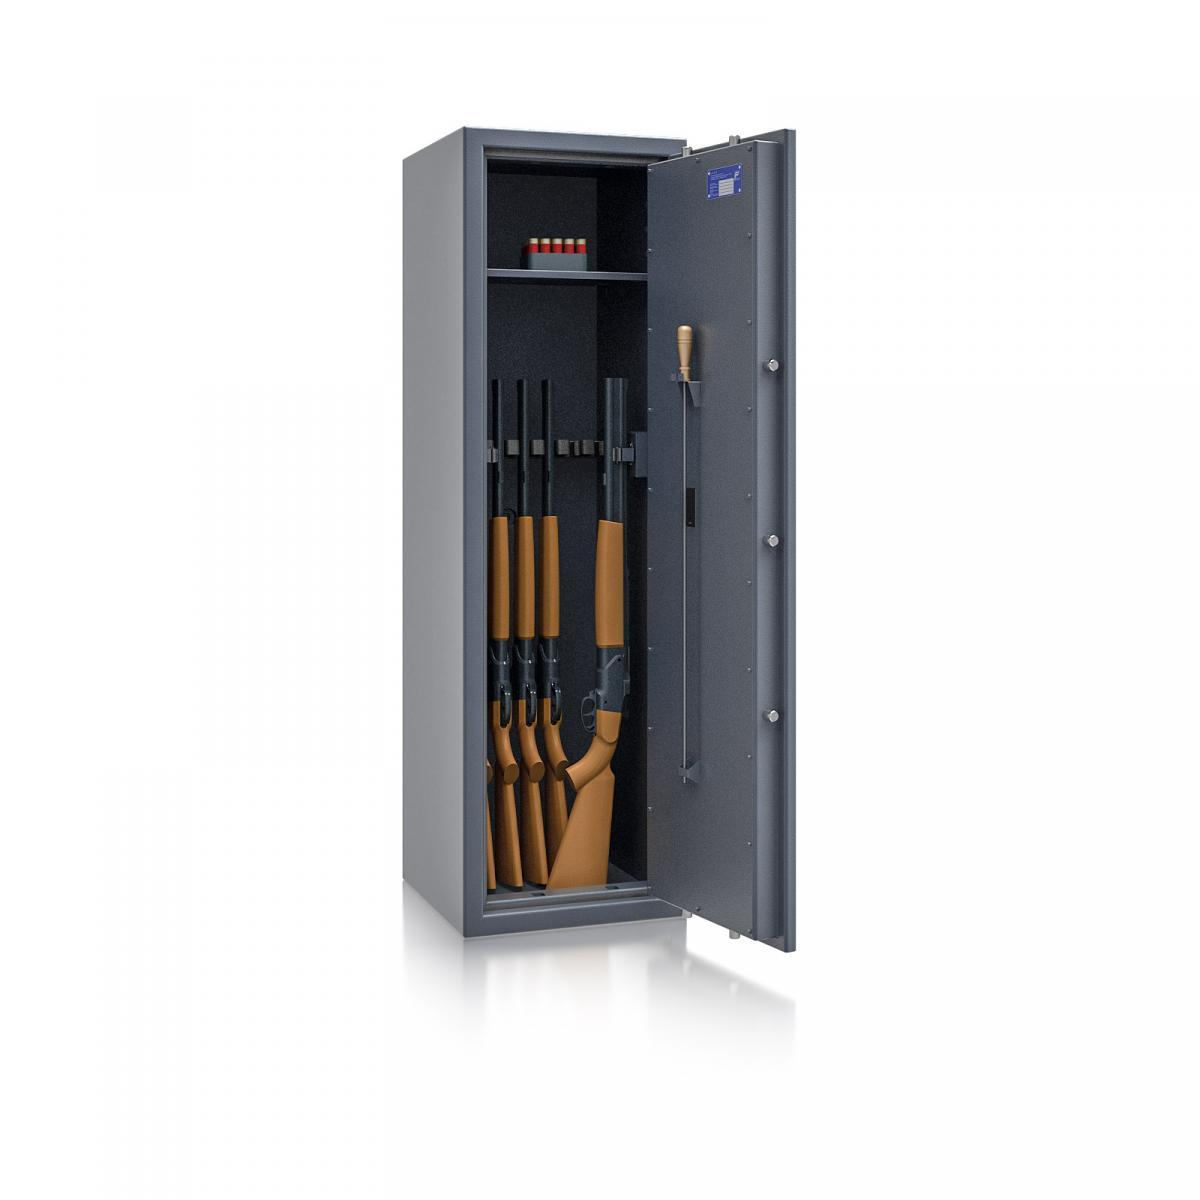 Waffenschrank St. Gallen WF NEW 5 - 1500x450x450 / 170kg 56474 / Klasse I / RAL7024 / Elektr. Basic / DIN R